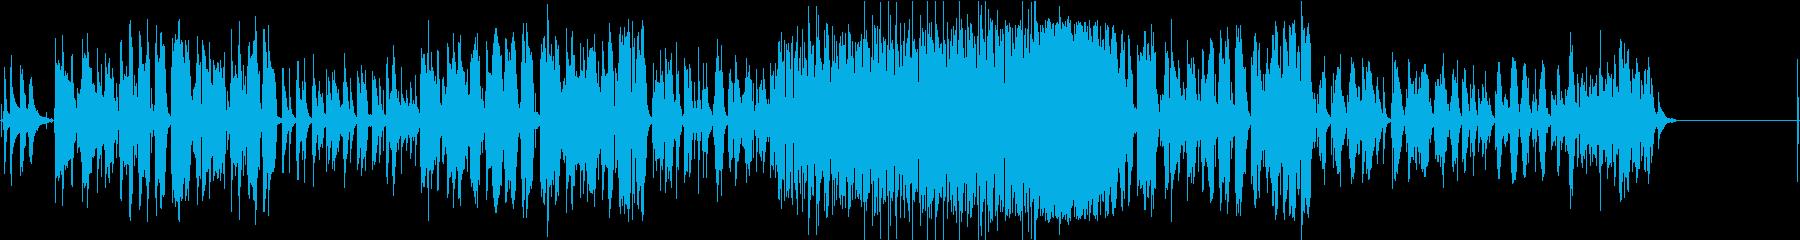 いつかの再生済みの波形